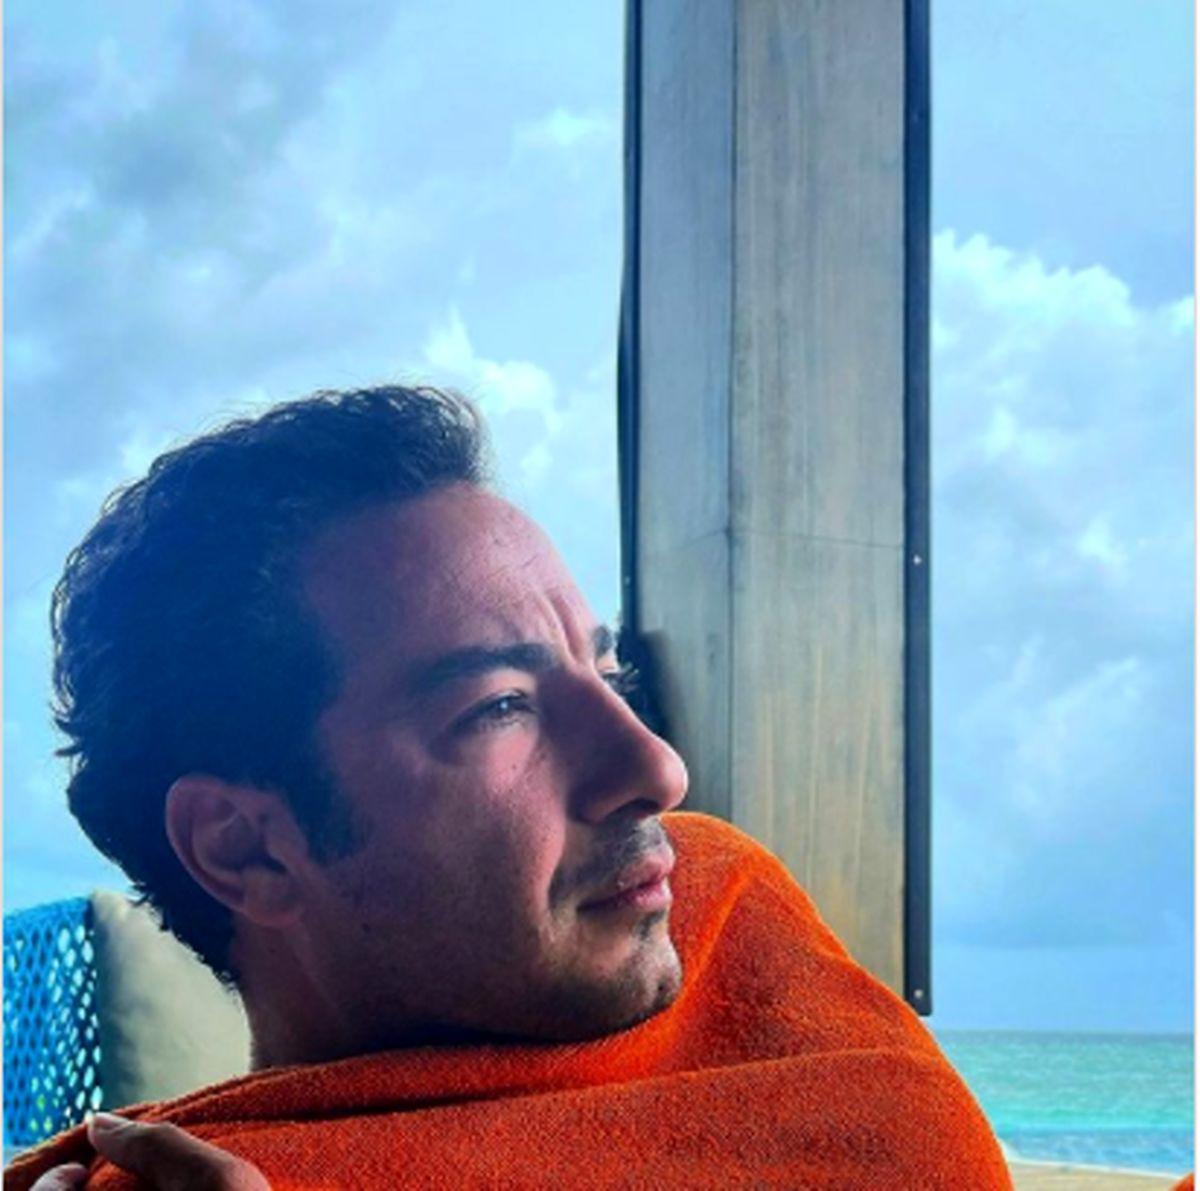 نوید محمدزاده در ویلای رویایی کنار دریا /عکس